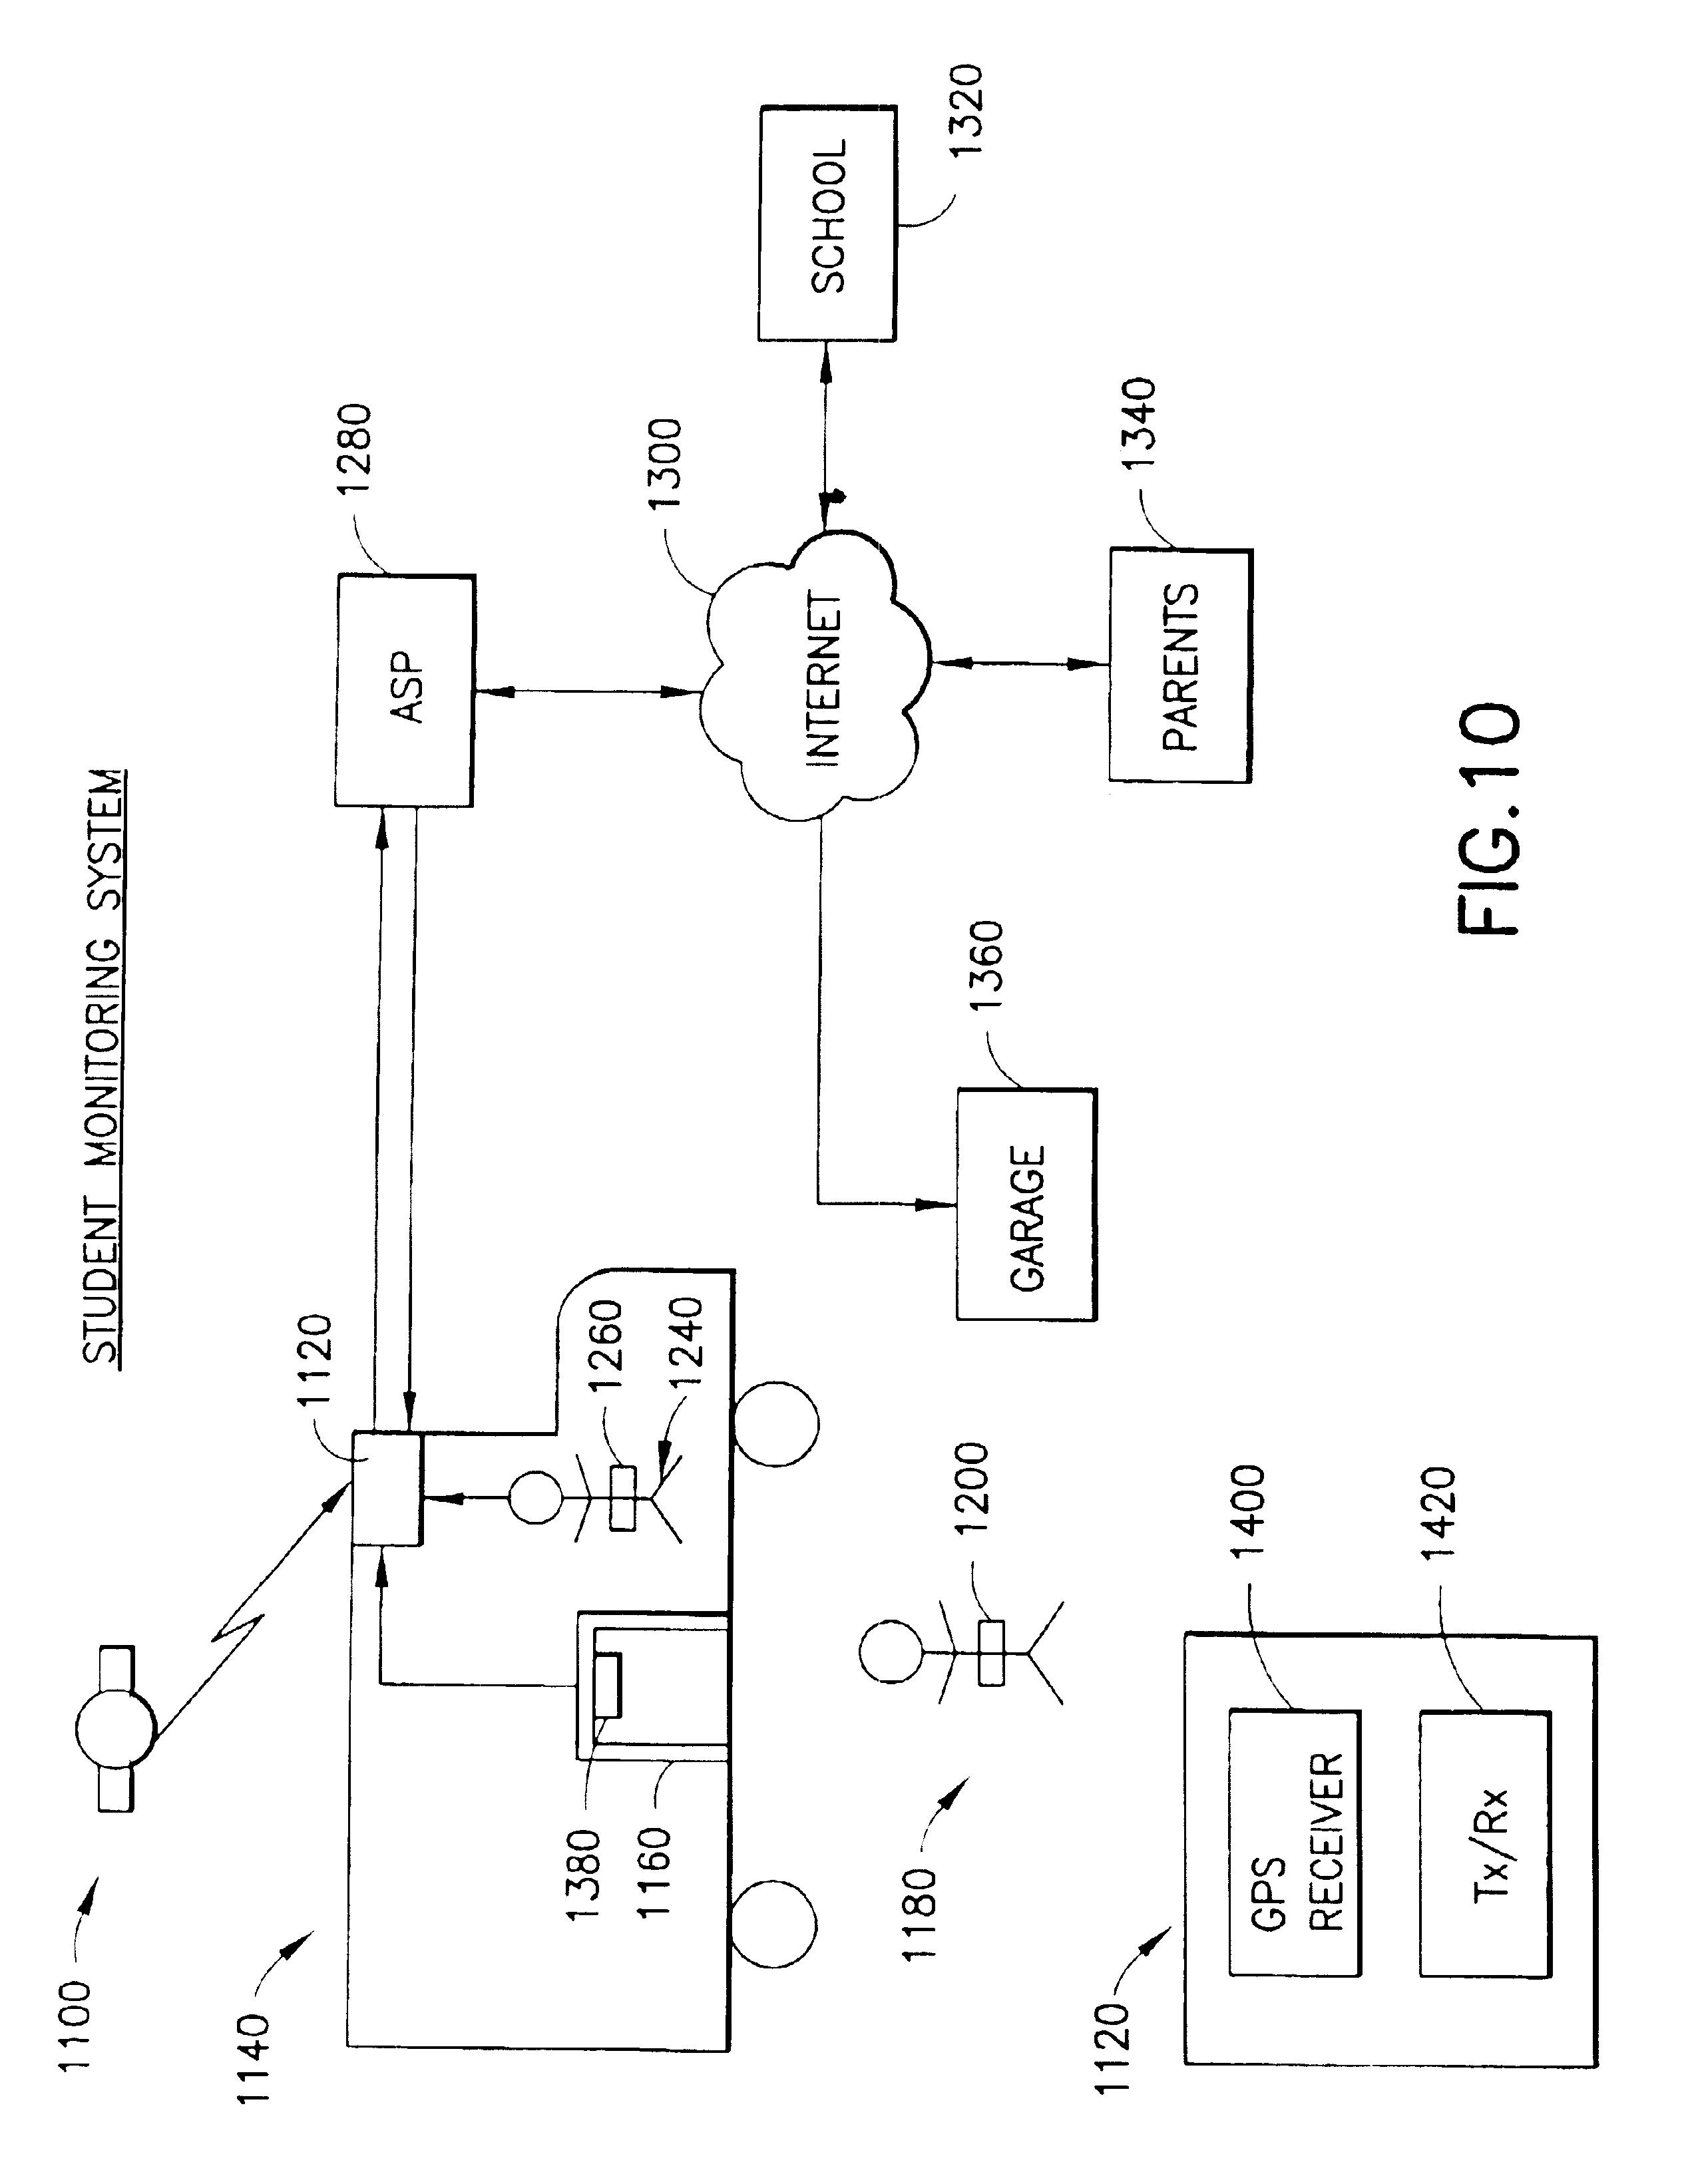 Patent Us 6847892 B2 Circuit Diagram Nokia 1100 0 Petitions